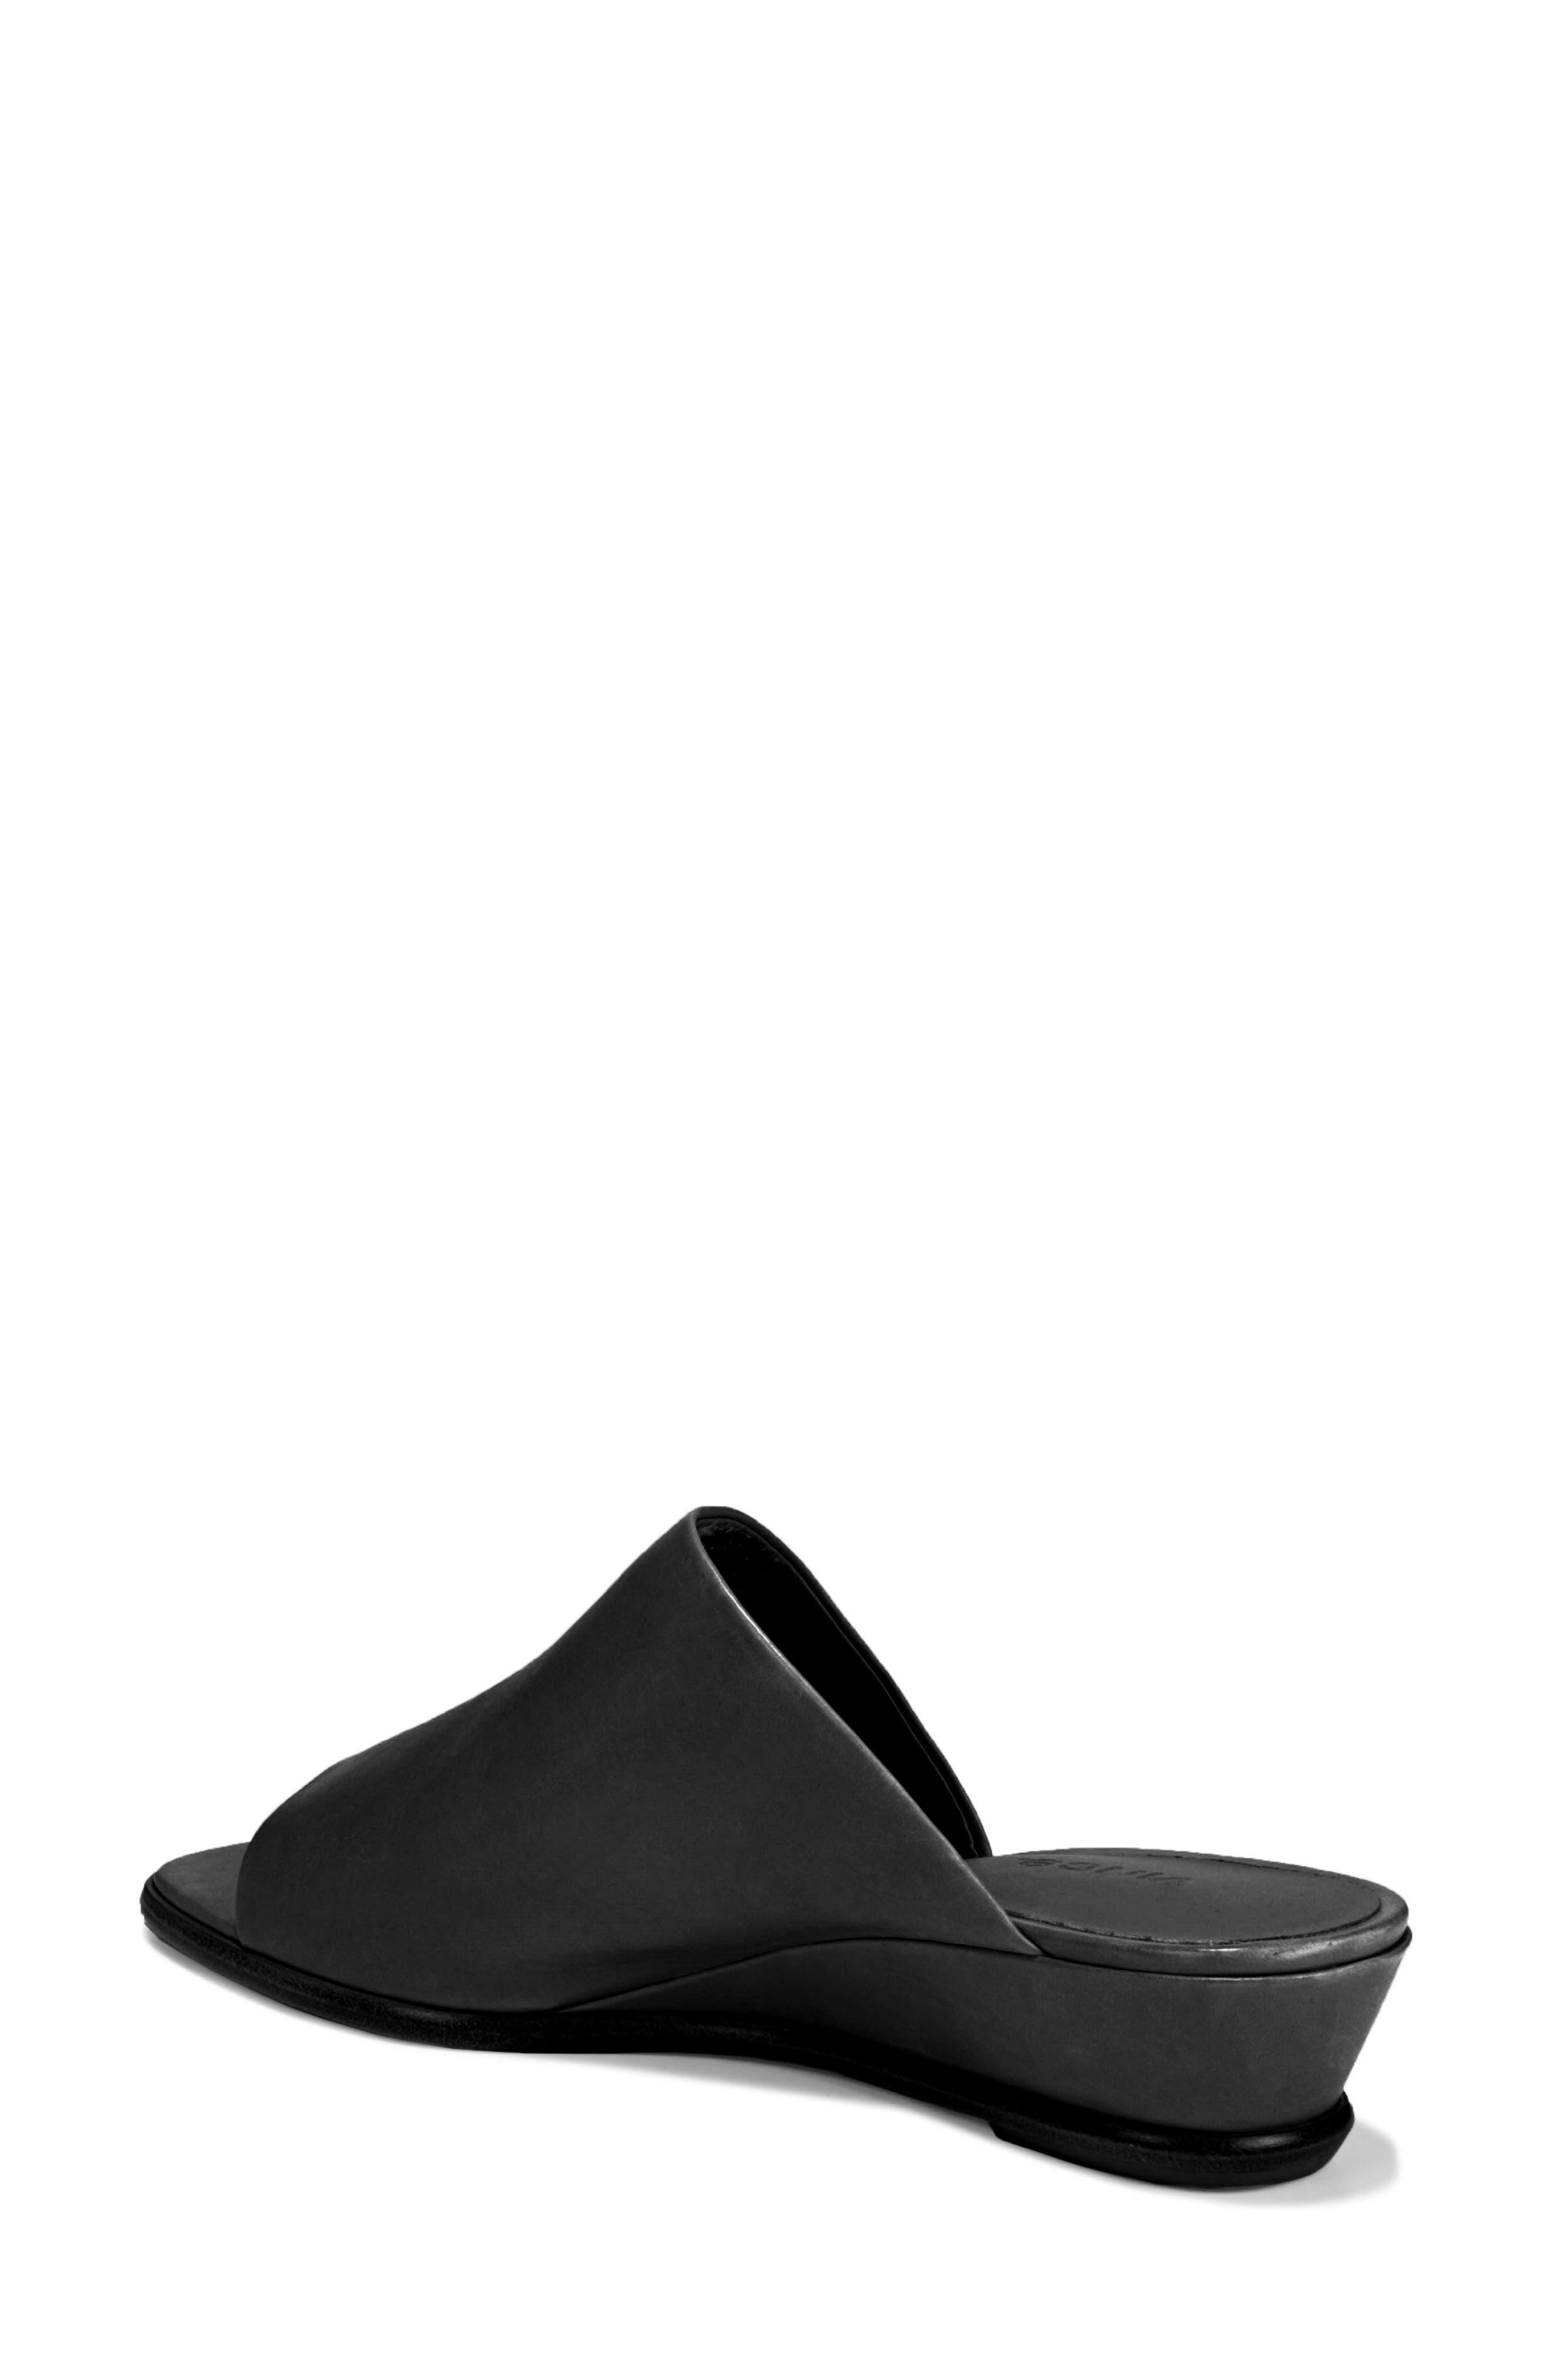 VINCE, Duvall Asymmetrical Wedge Sandal, Alternate thumbnail 2, color, BLACK